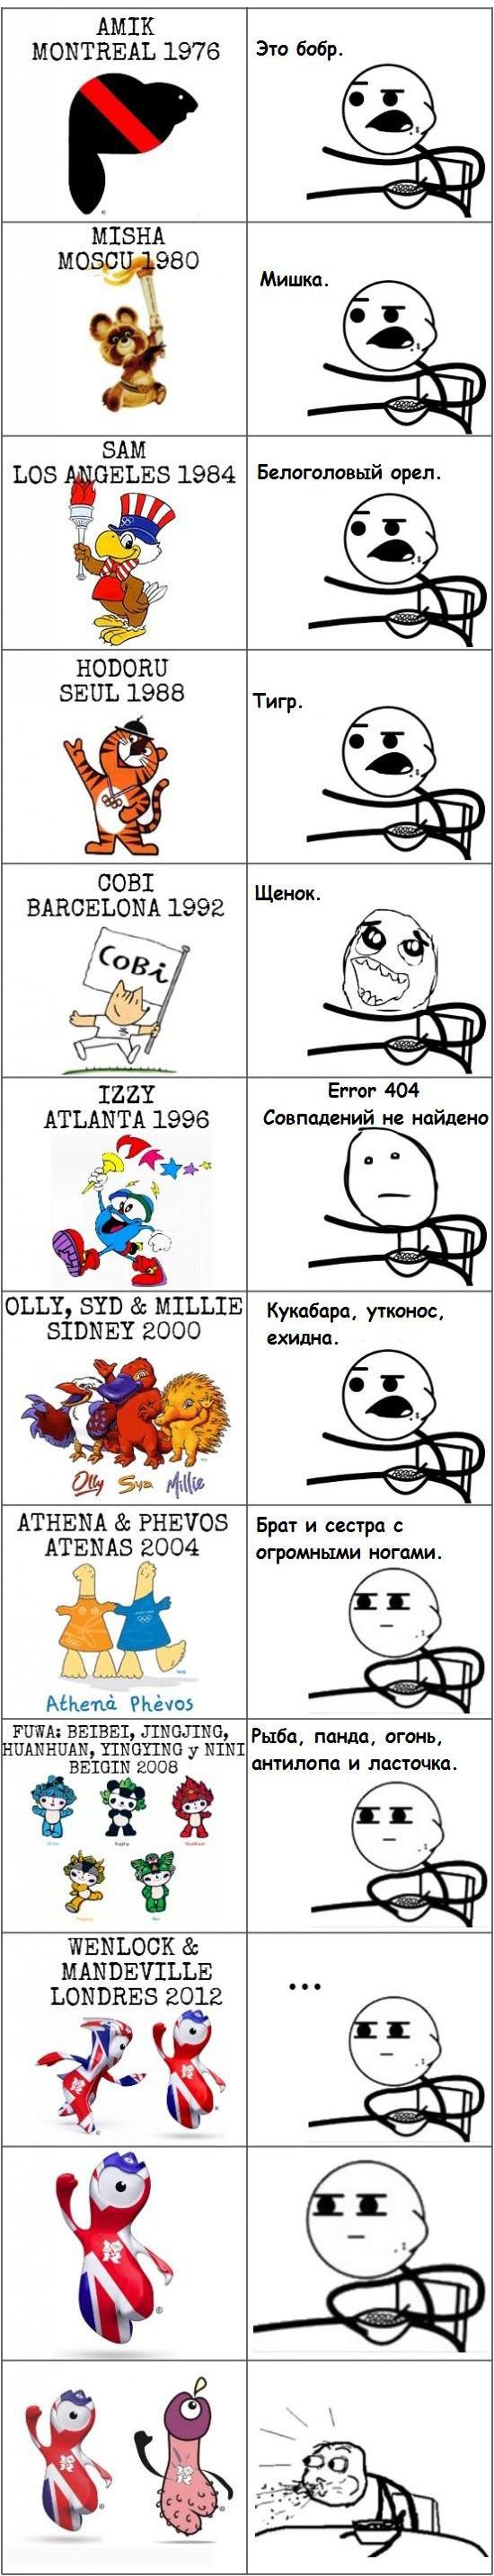 Эволюция символов олимпиад.